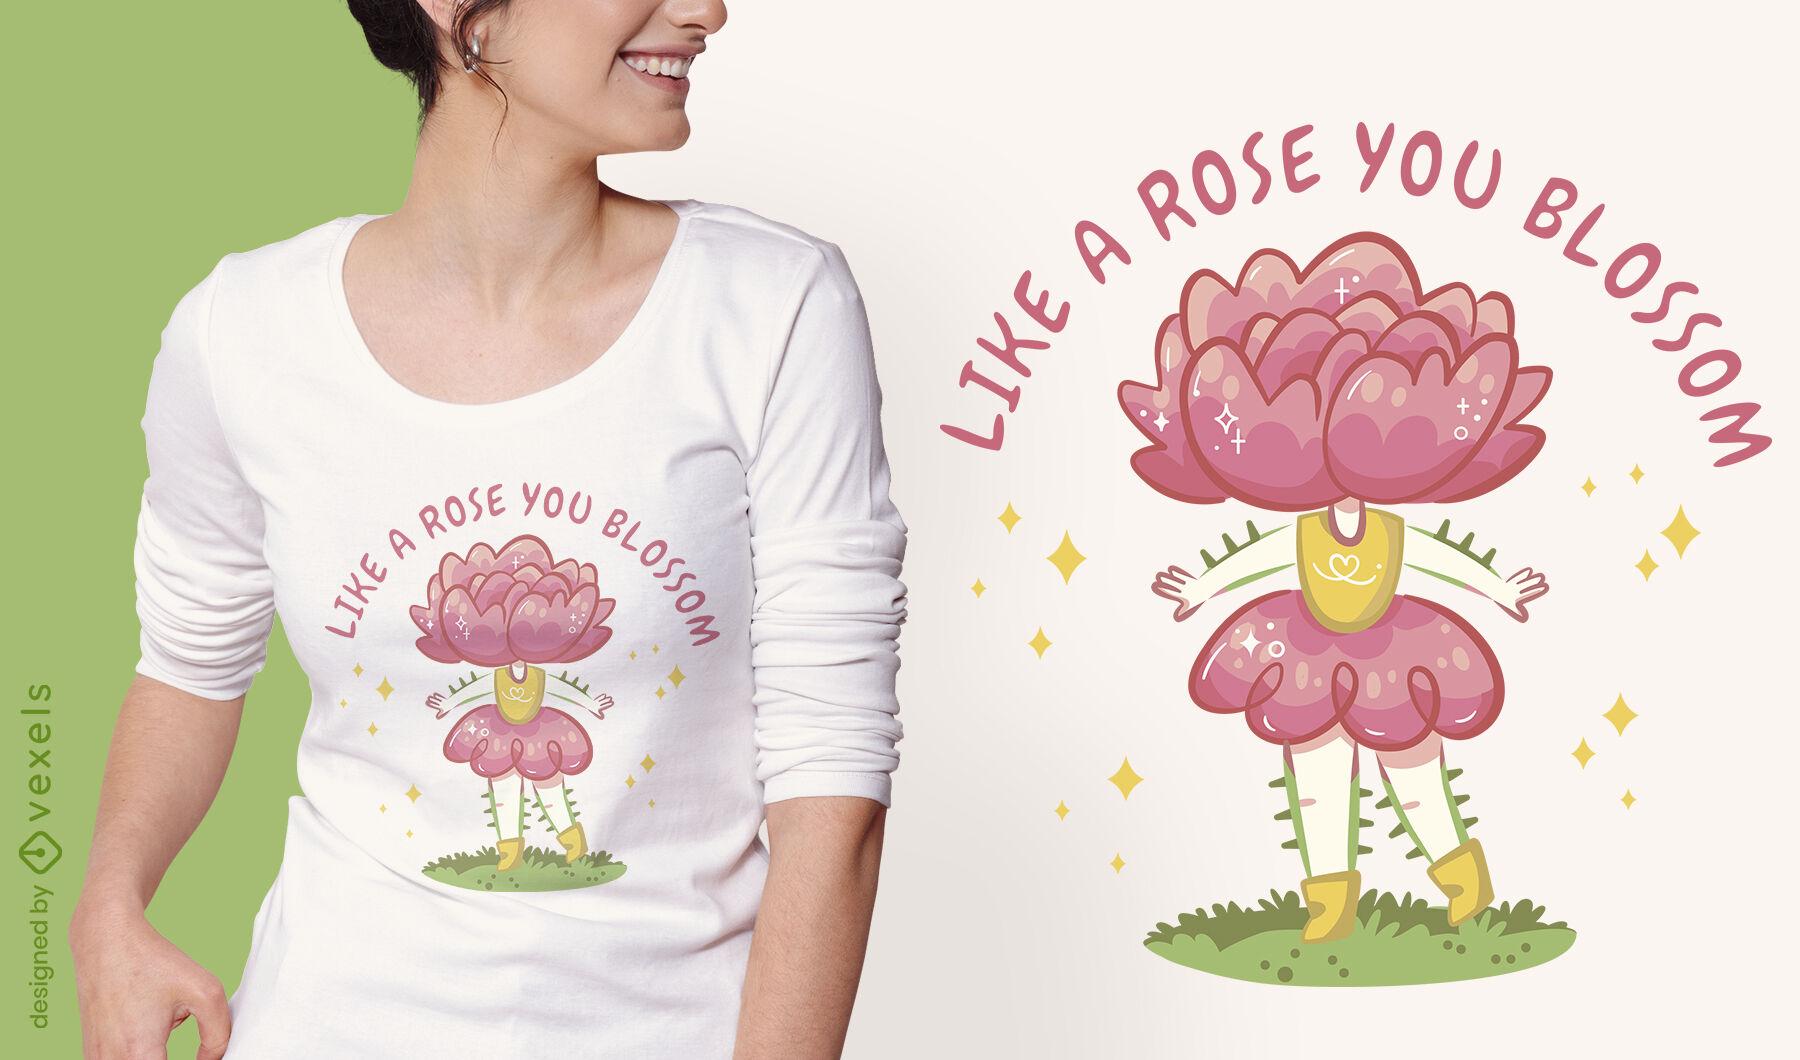 Rose girl t-shirt design